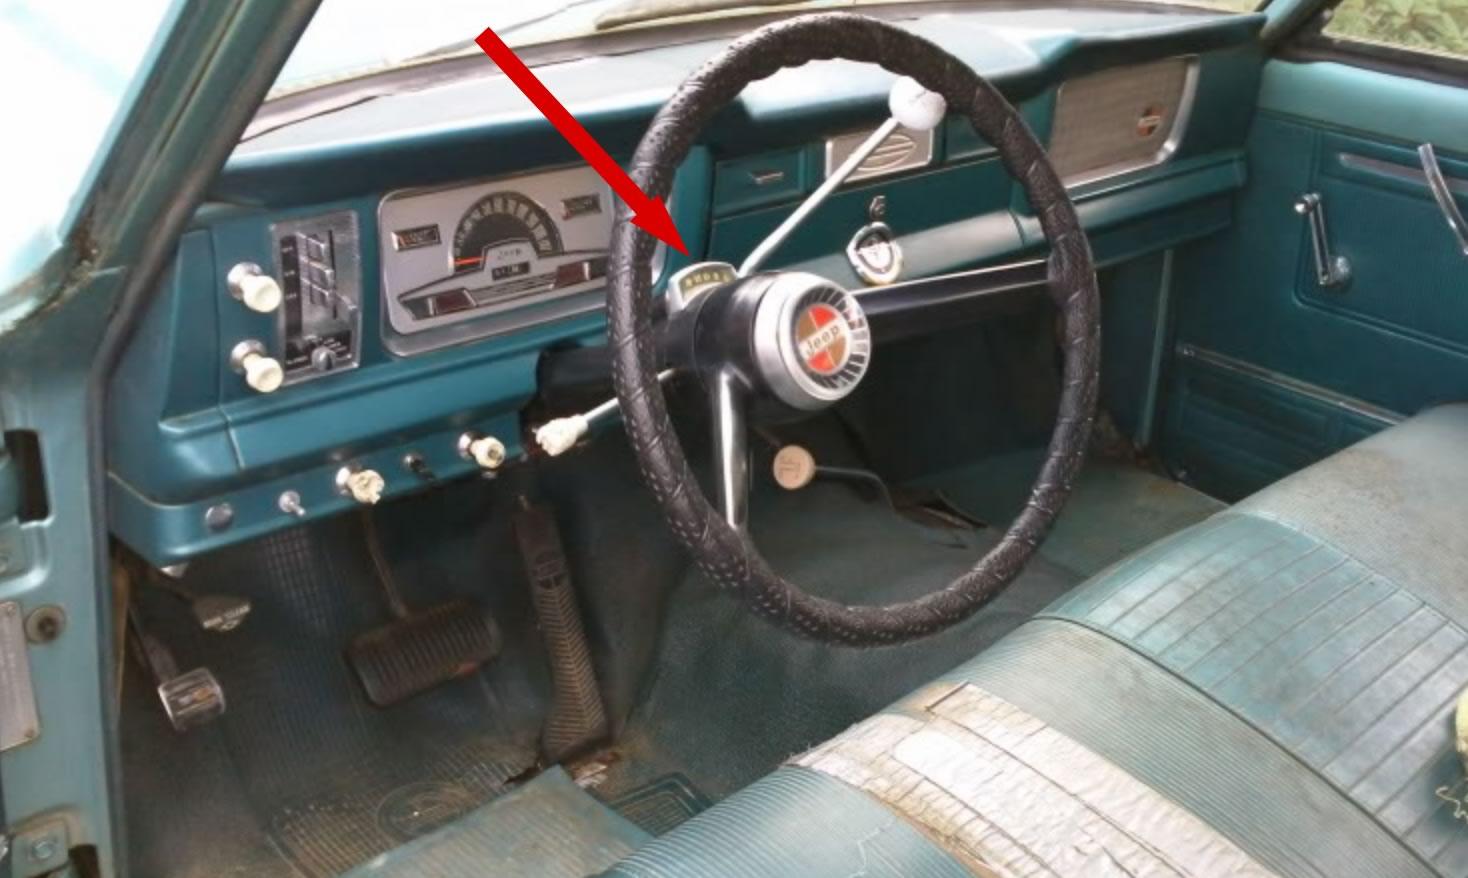 Te koop gevraagd: Column shift indicator voor Wagoneer 1971